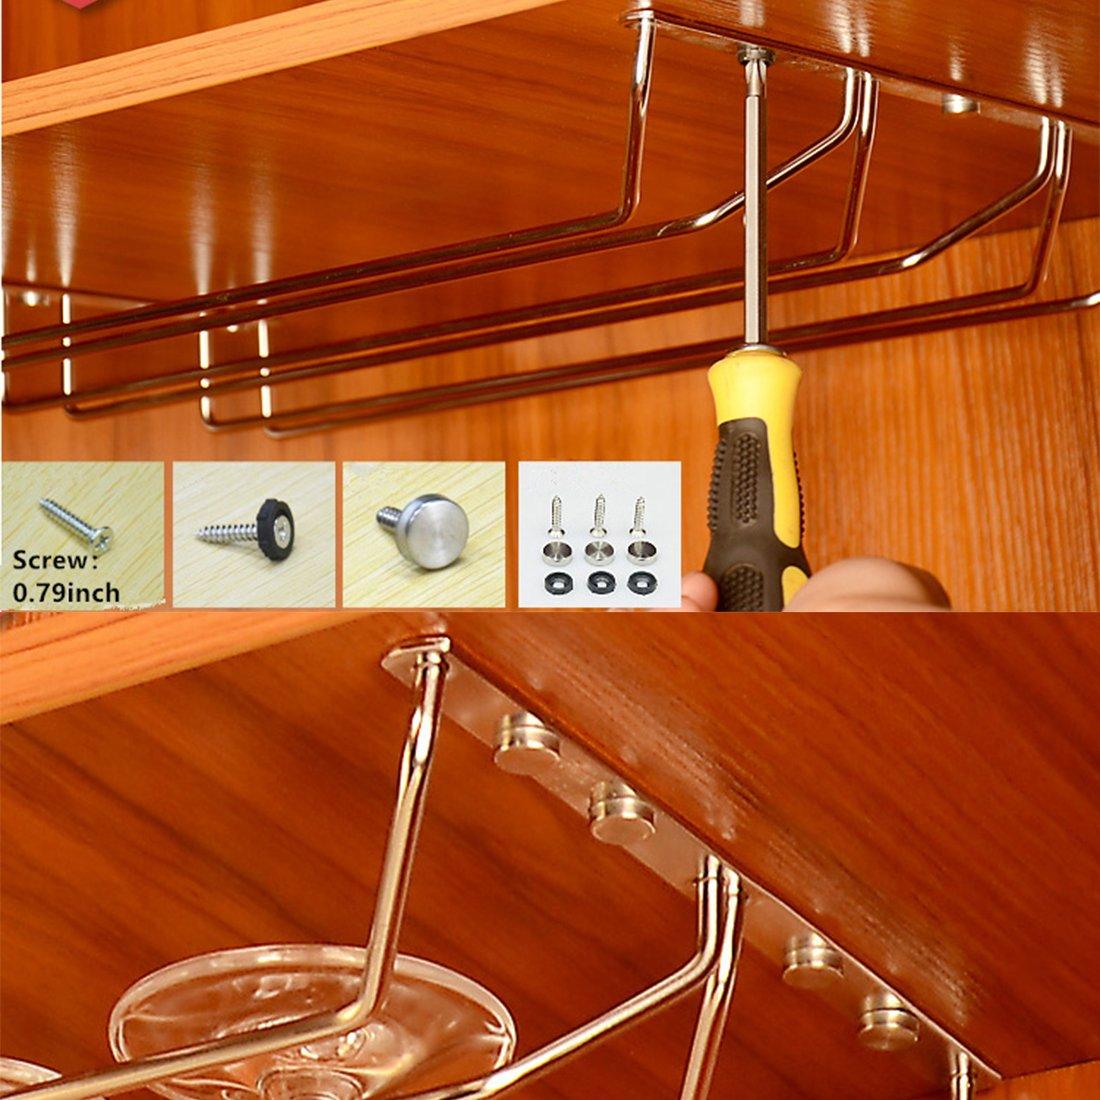 Porte-verre /à vin en acier inoxydable 304 sous le meuble en verre /à vin en acier inox